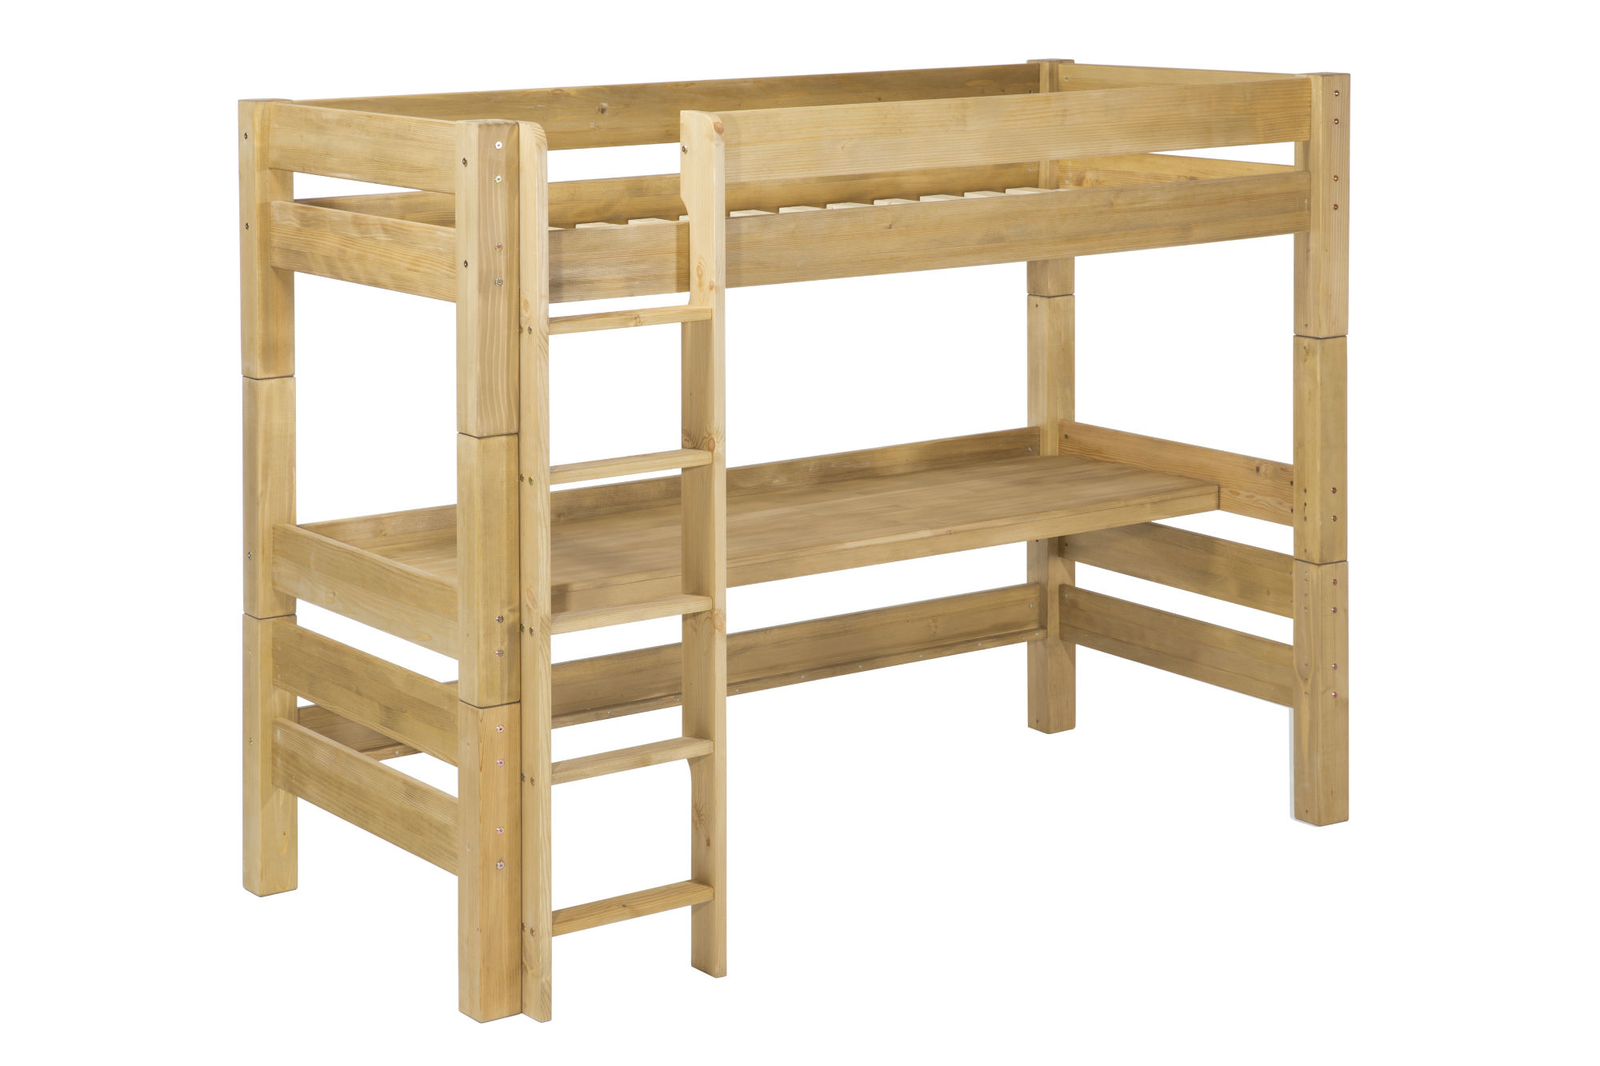 Etagenbett Mit Schreibtisch Und Kommode : Kinderzimmer hochbett mit schreibtisch von moby günstig bestellen